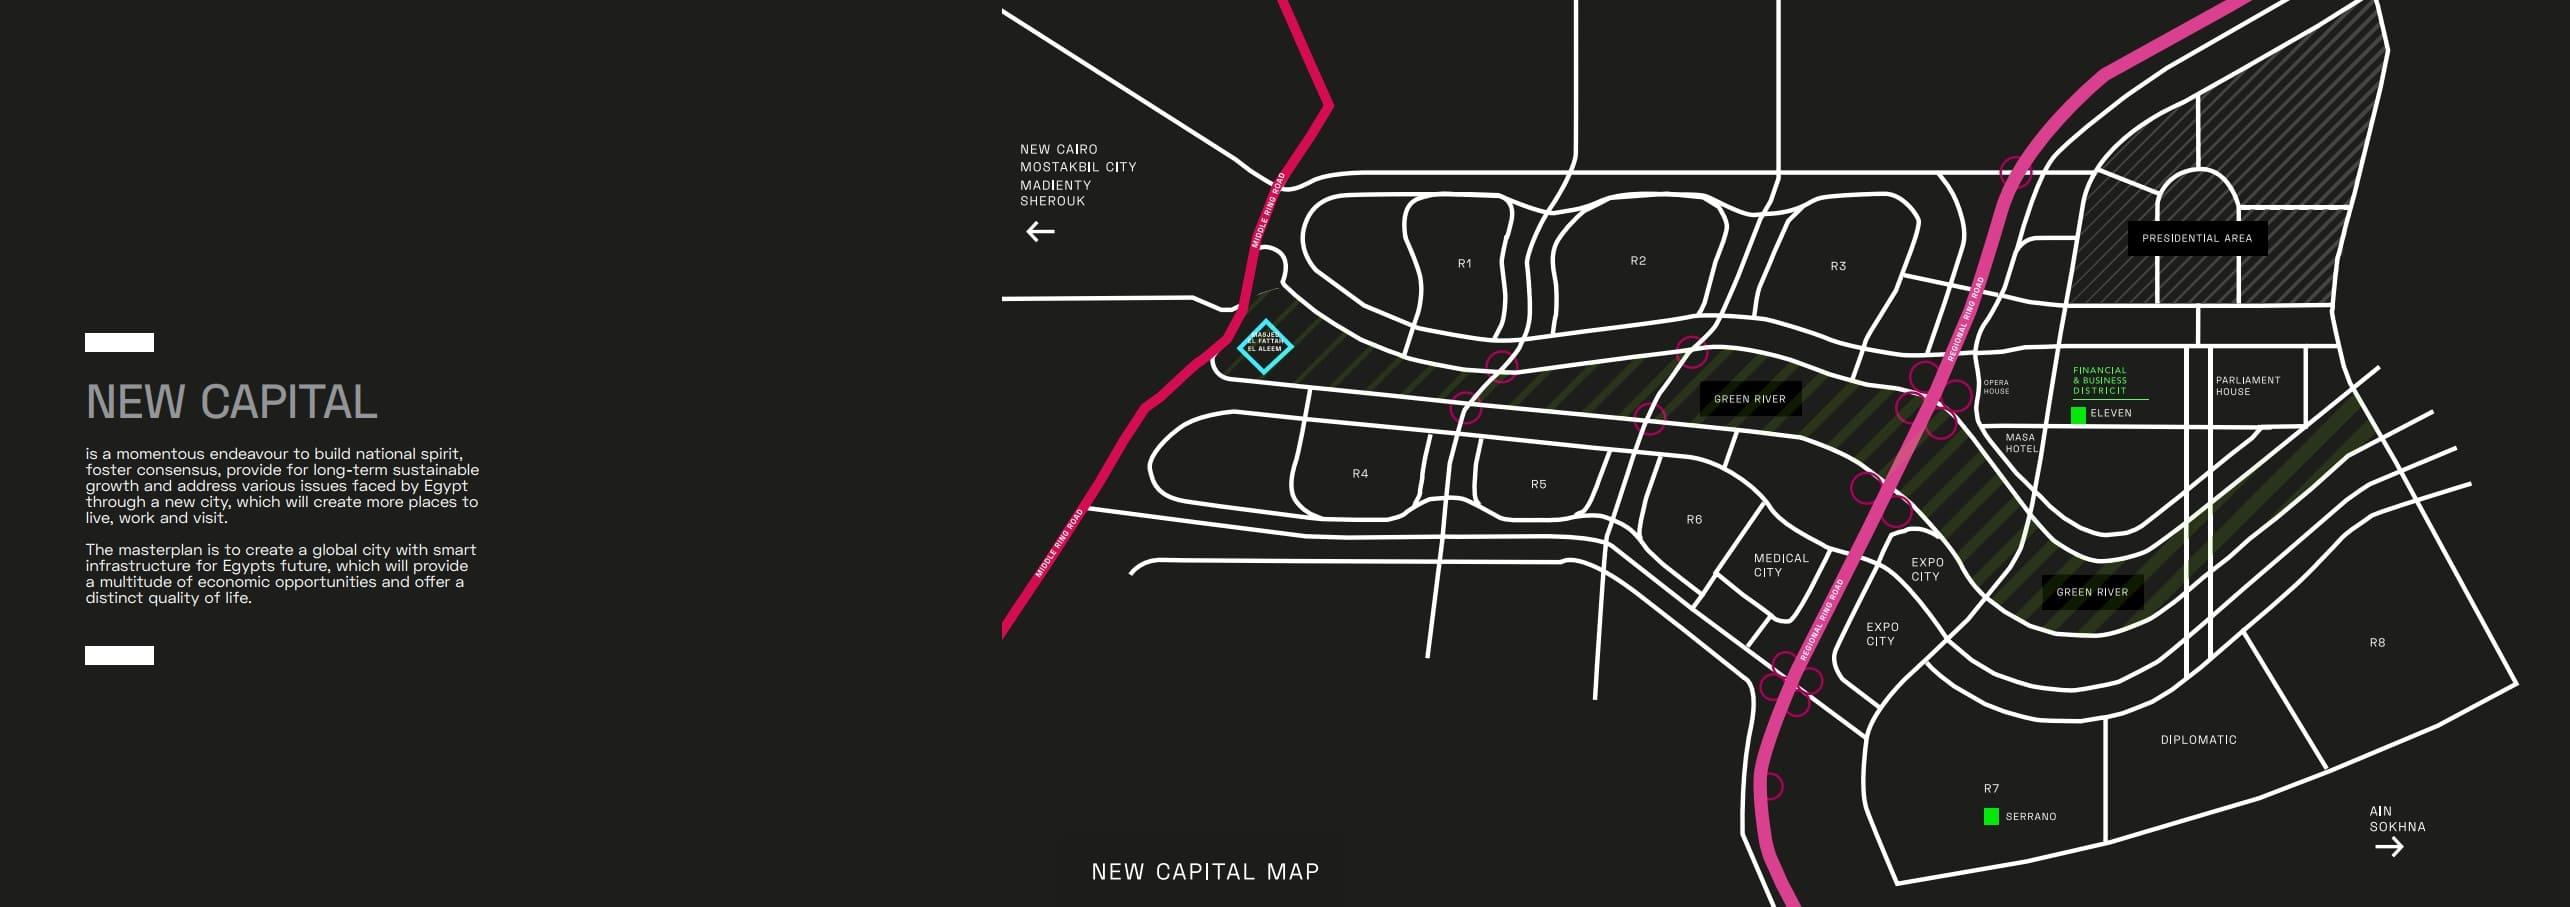 موقع ايلفين مول بالعاصمة الادارية الجديدة Eleven Mall New Capital